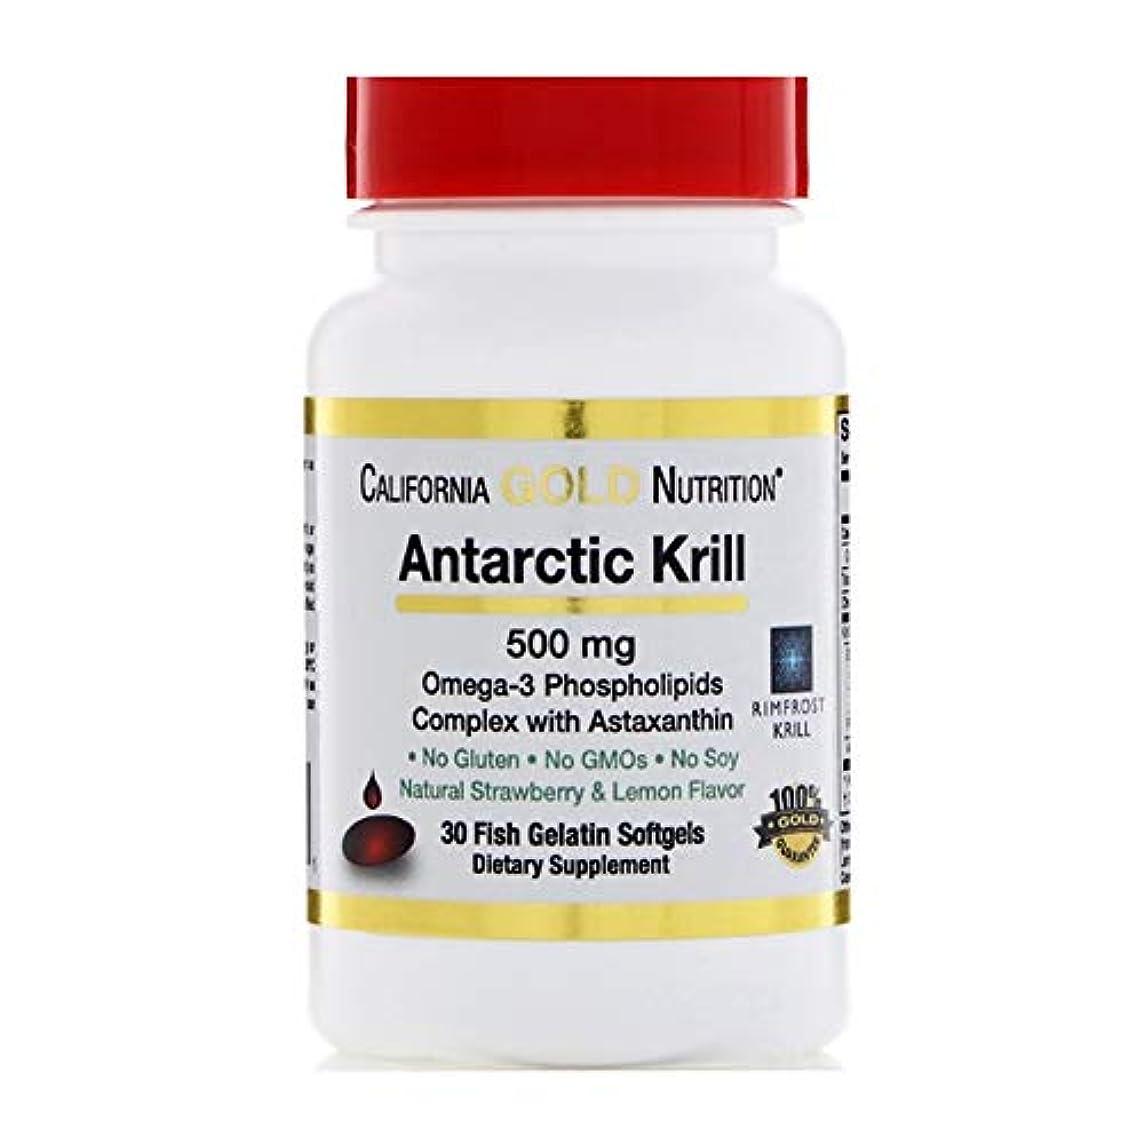 君主作業検索California Gold Nutrition Antarctic Krill Oil アスタキサンチン配合 RIMFROST 天然イチゴ レモン味 500 mg フィッシュゼラチンソフトジェル 120粒 【アメリカ直送】